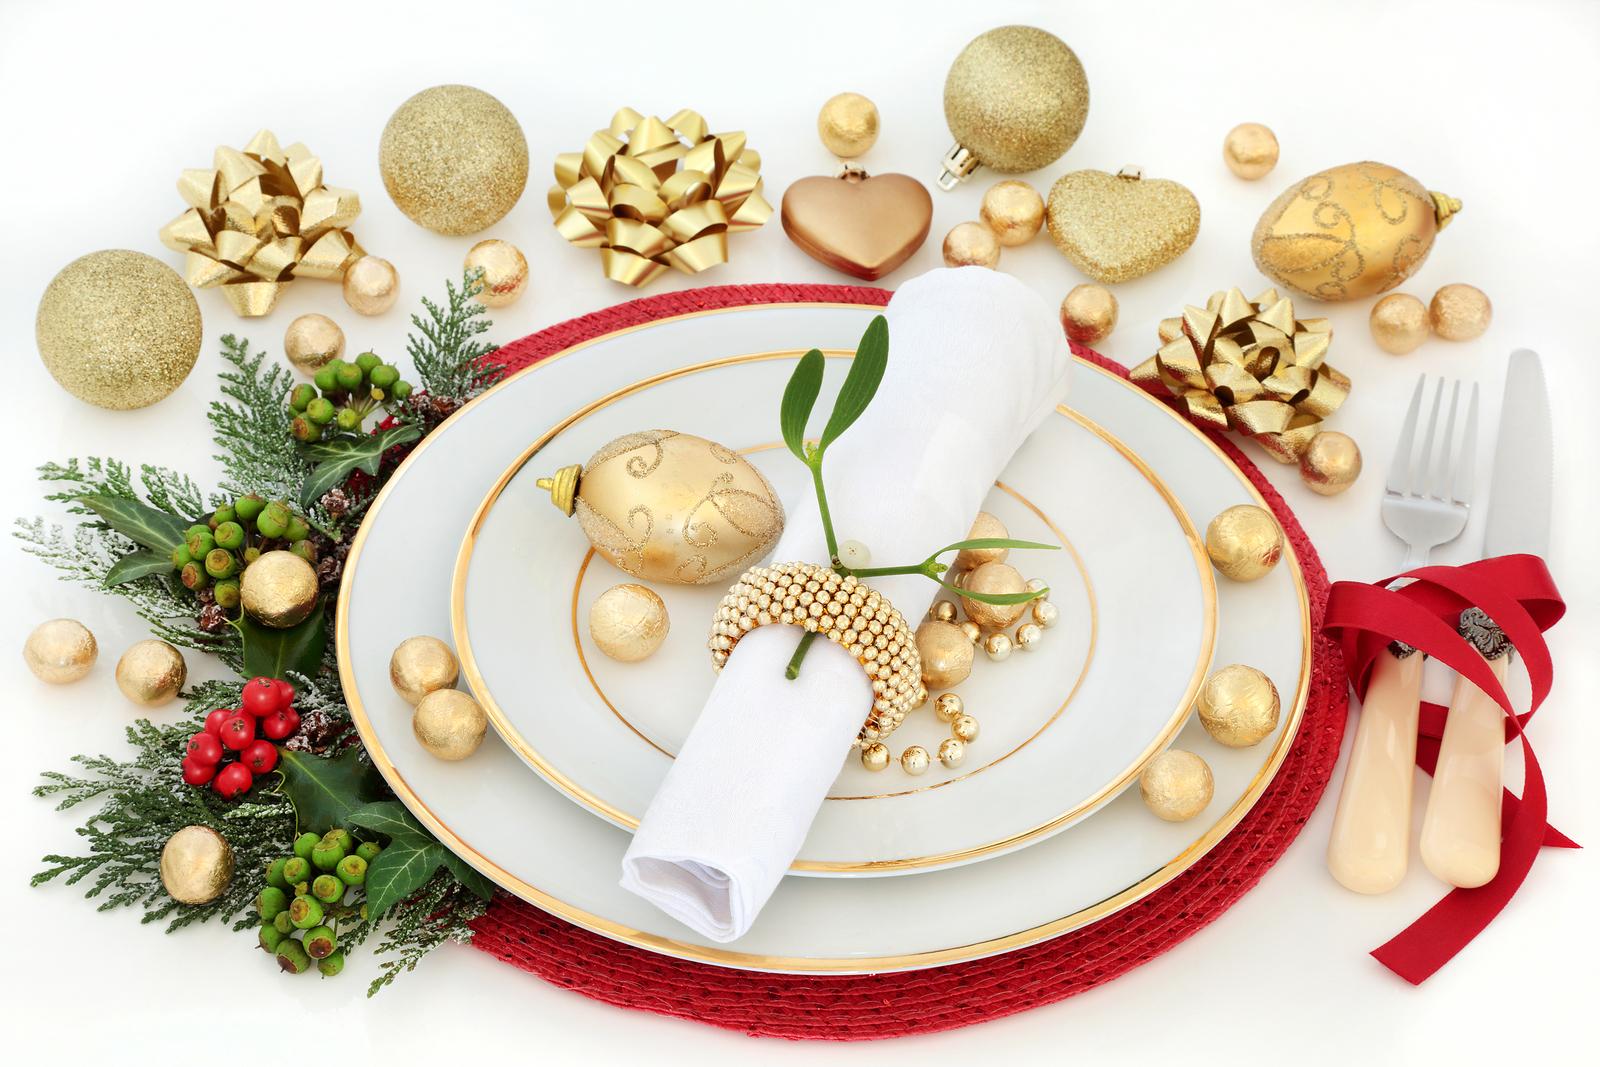 Cenas saludables de Navidad y Año Nuevo